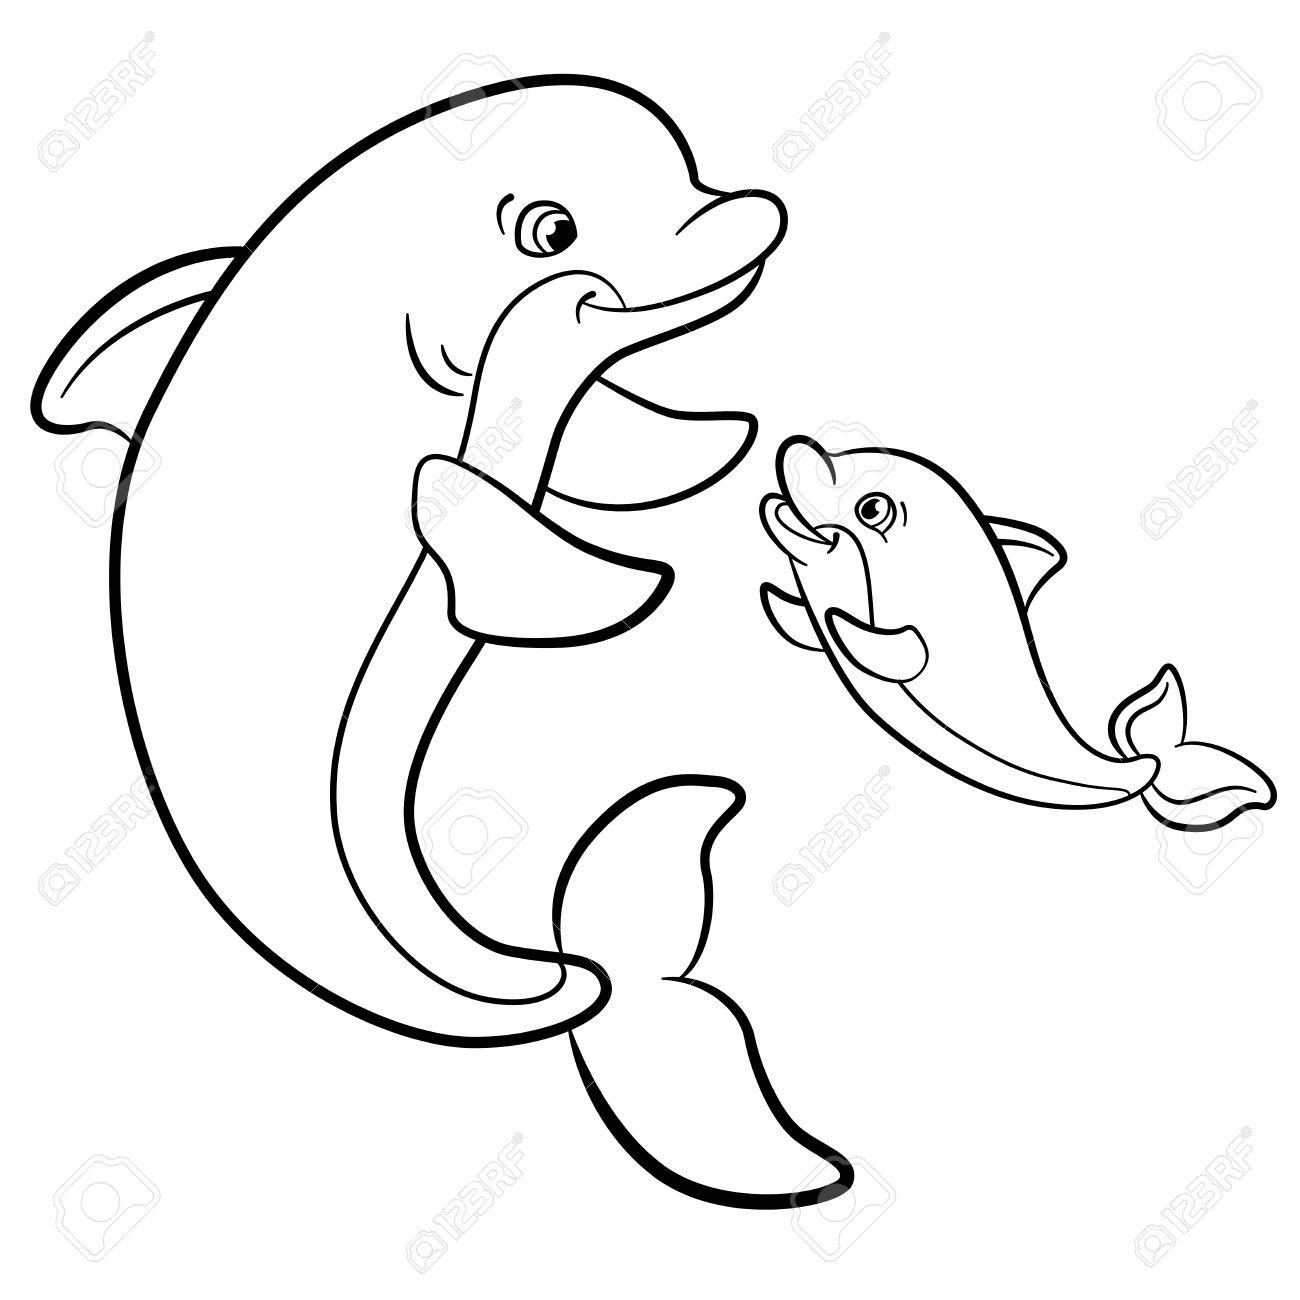 Kleurplaten Dieren Uit De Zee.Luxe Kleurplaten Dieren Dolfijnen Krijg Duizenden